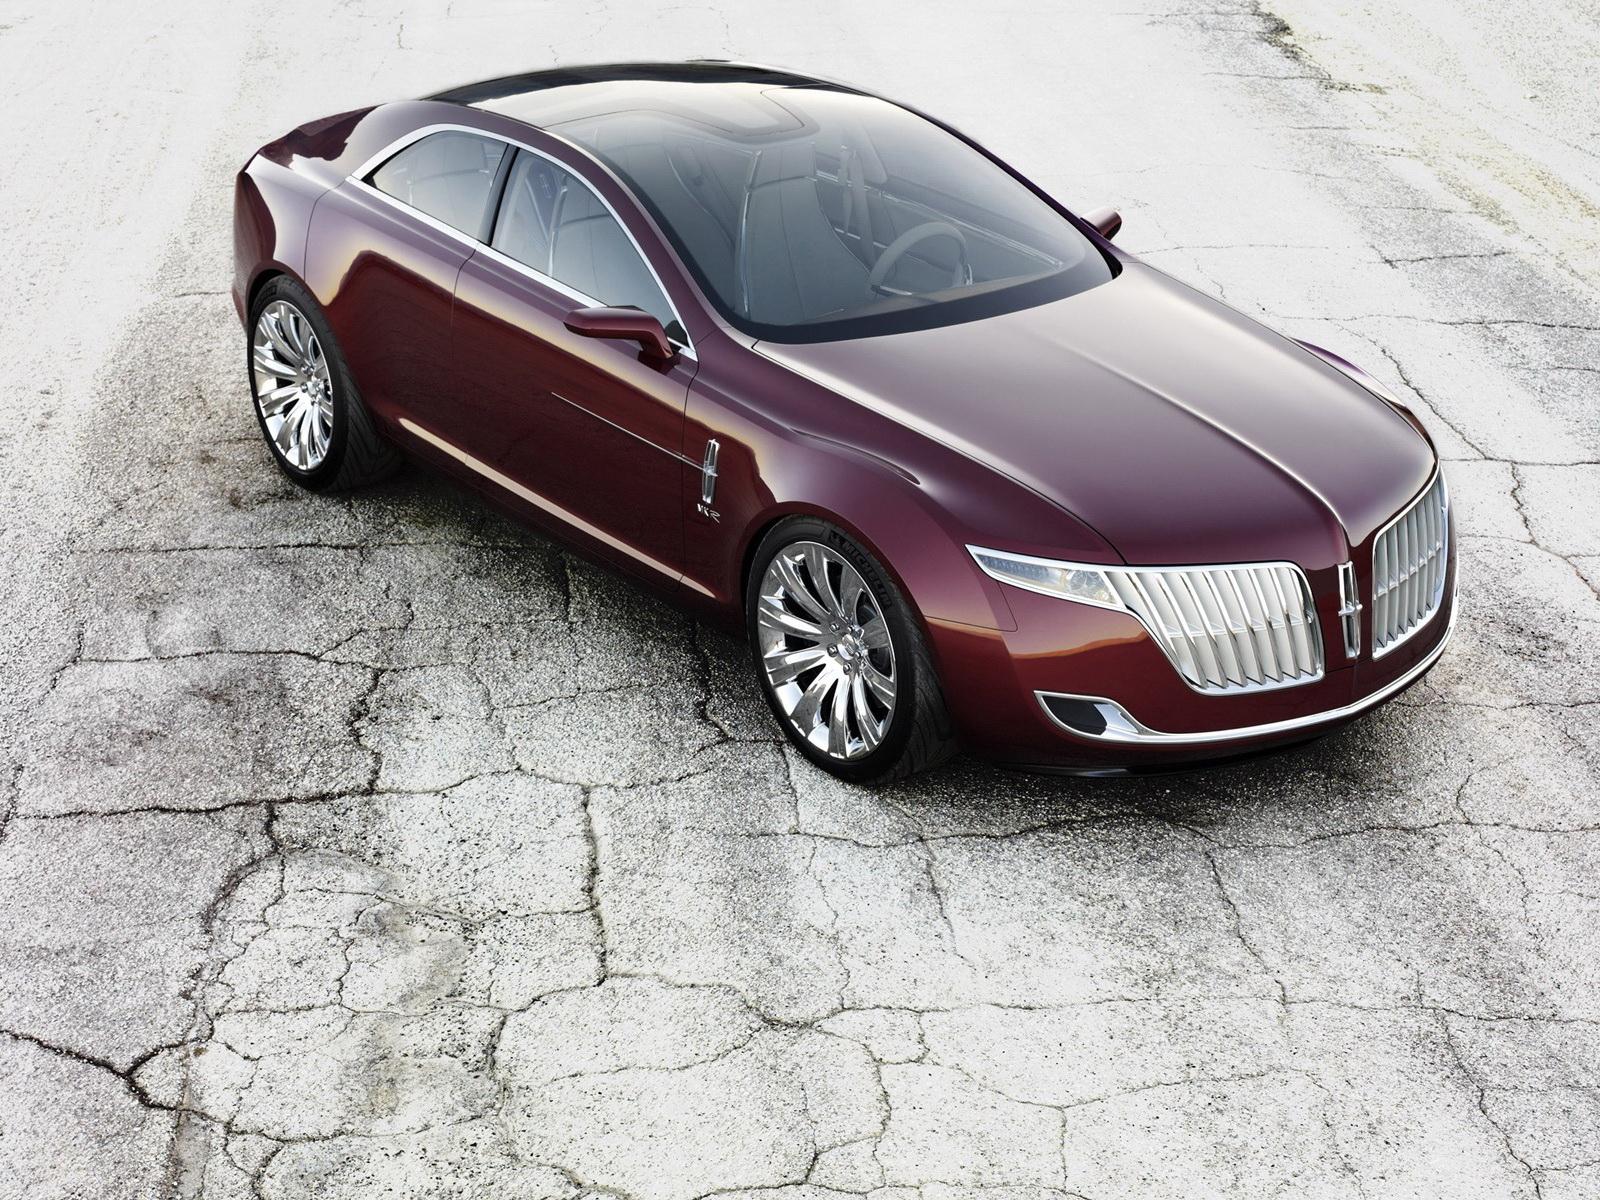 http://4.bp.blogspot.com/-ZteX4eMBogc/UBMO6WKgtjI/AAAAAAAAA78/dHS4al_xyE0/s1600/cars_0041.jpg